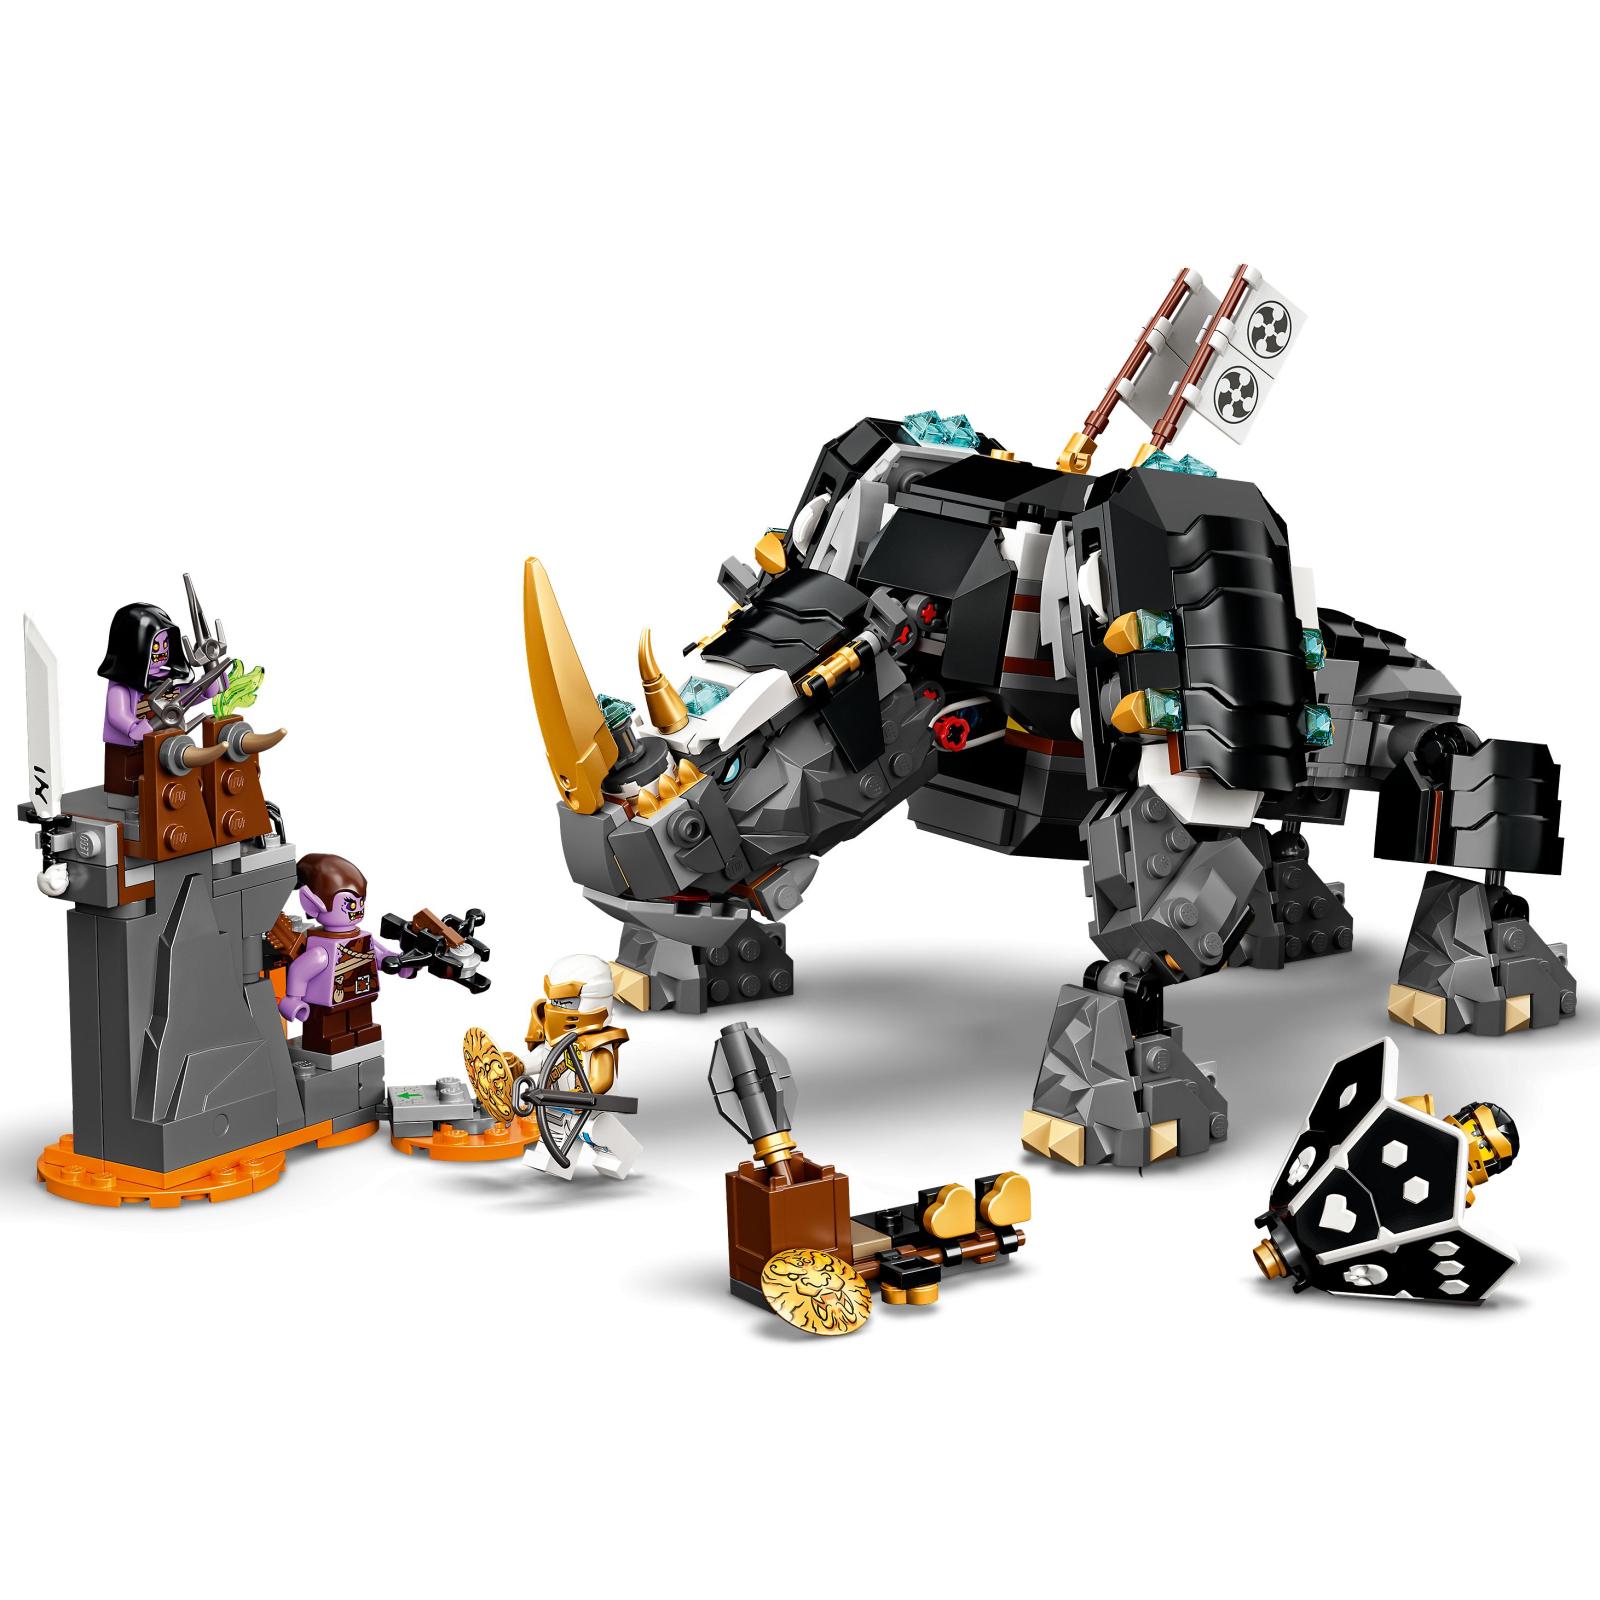 Конструктор LEGO Ninjago Бронированный носорог Зейна 616 деталей (71719) изображение 4